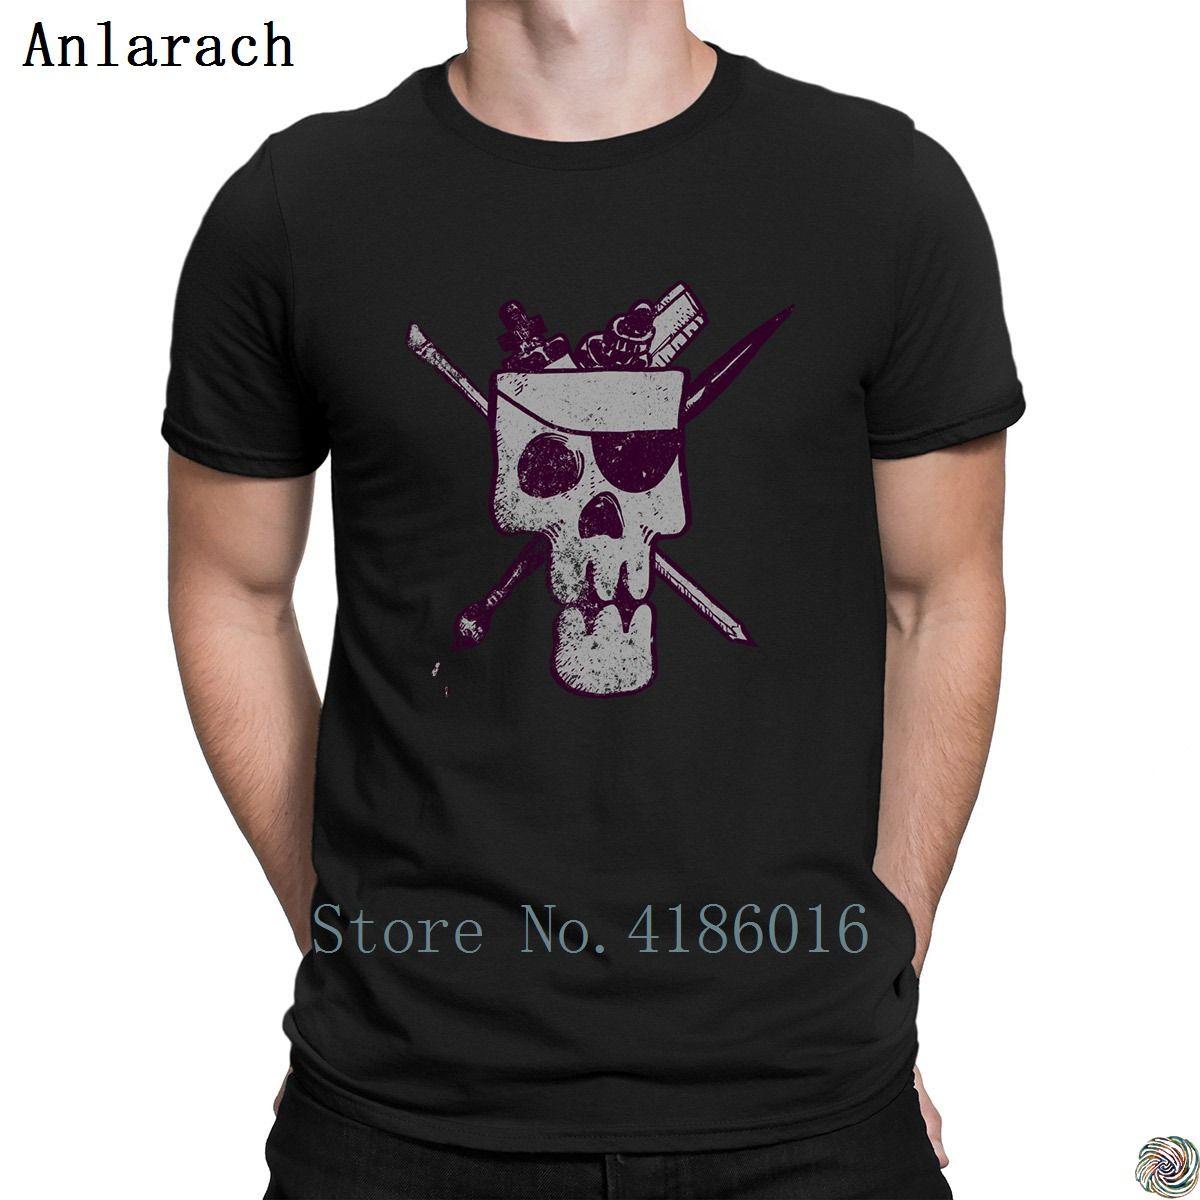 Арт череп футболка одежда евро размер S-3xl личность хорошая футболка для мужчин письмо хип-хоп против морщин футболка весна осень